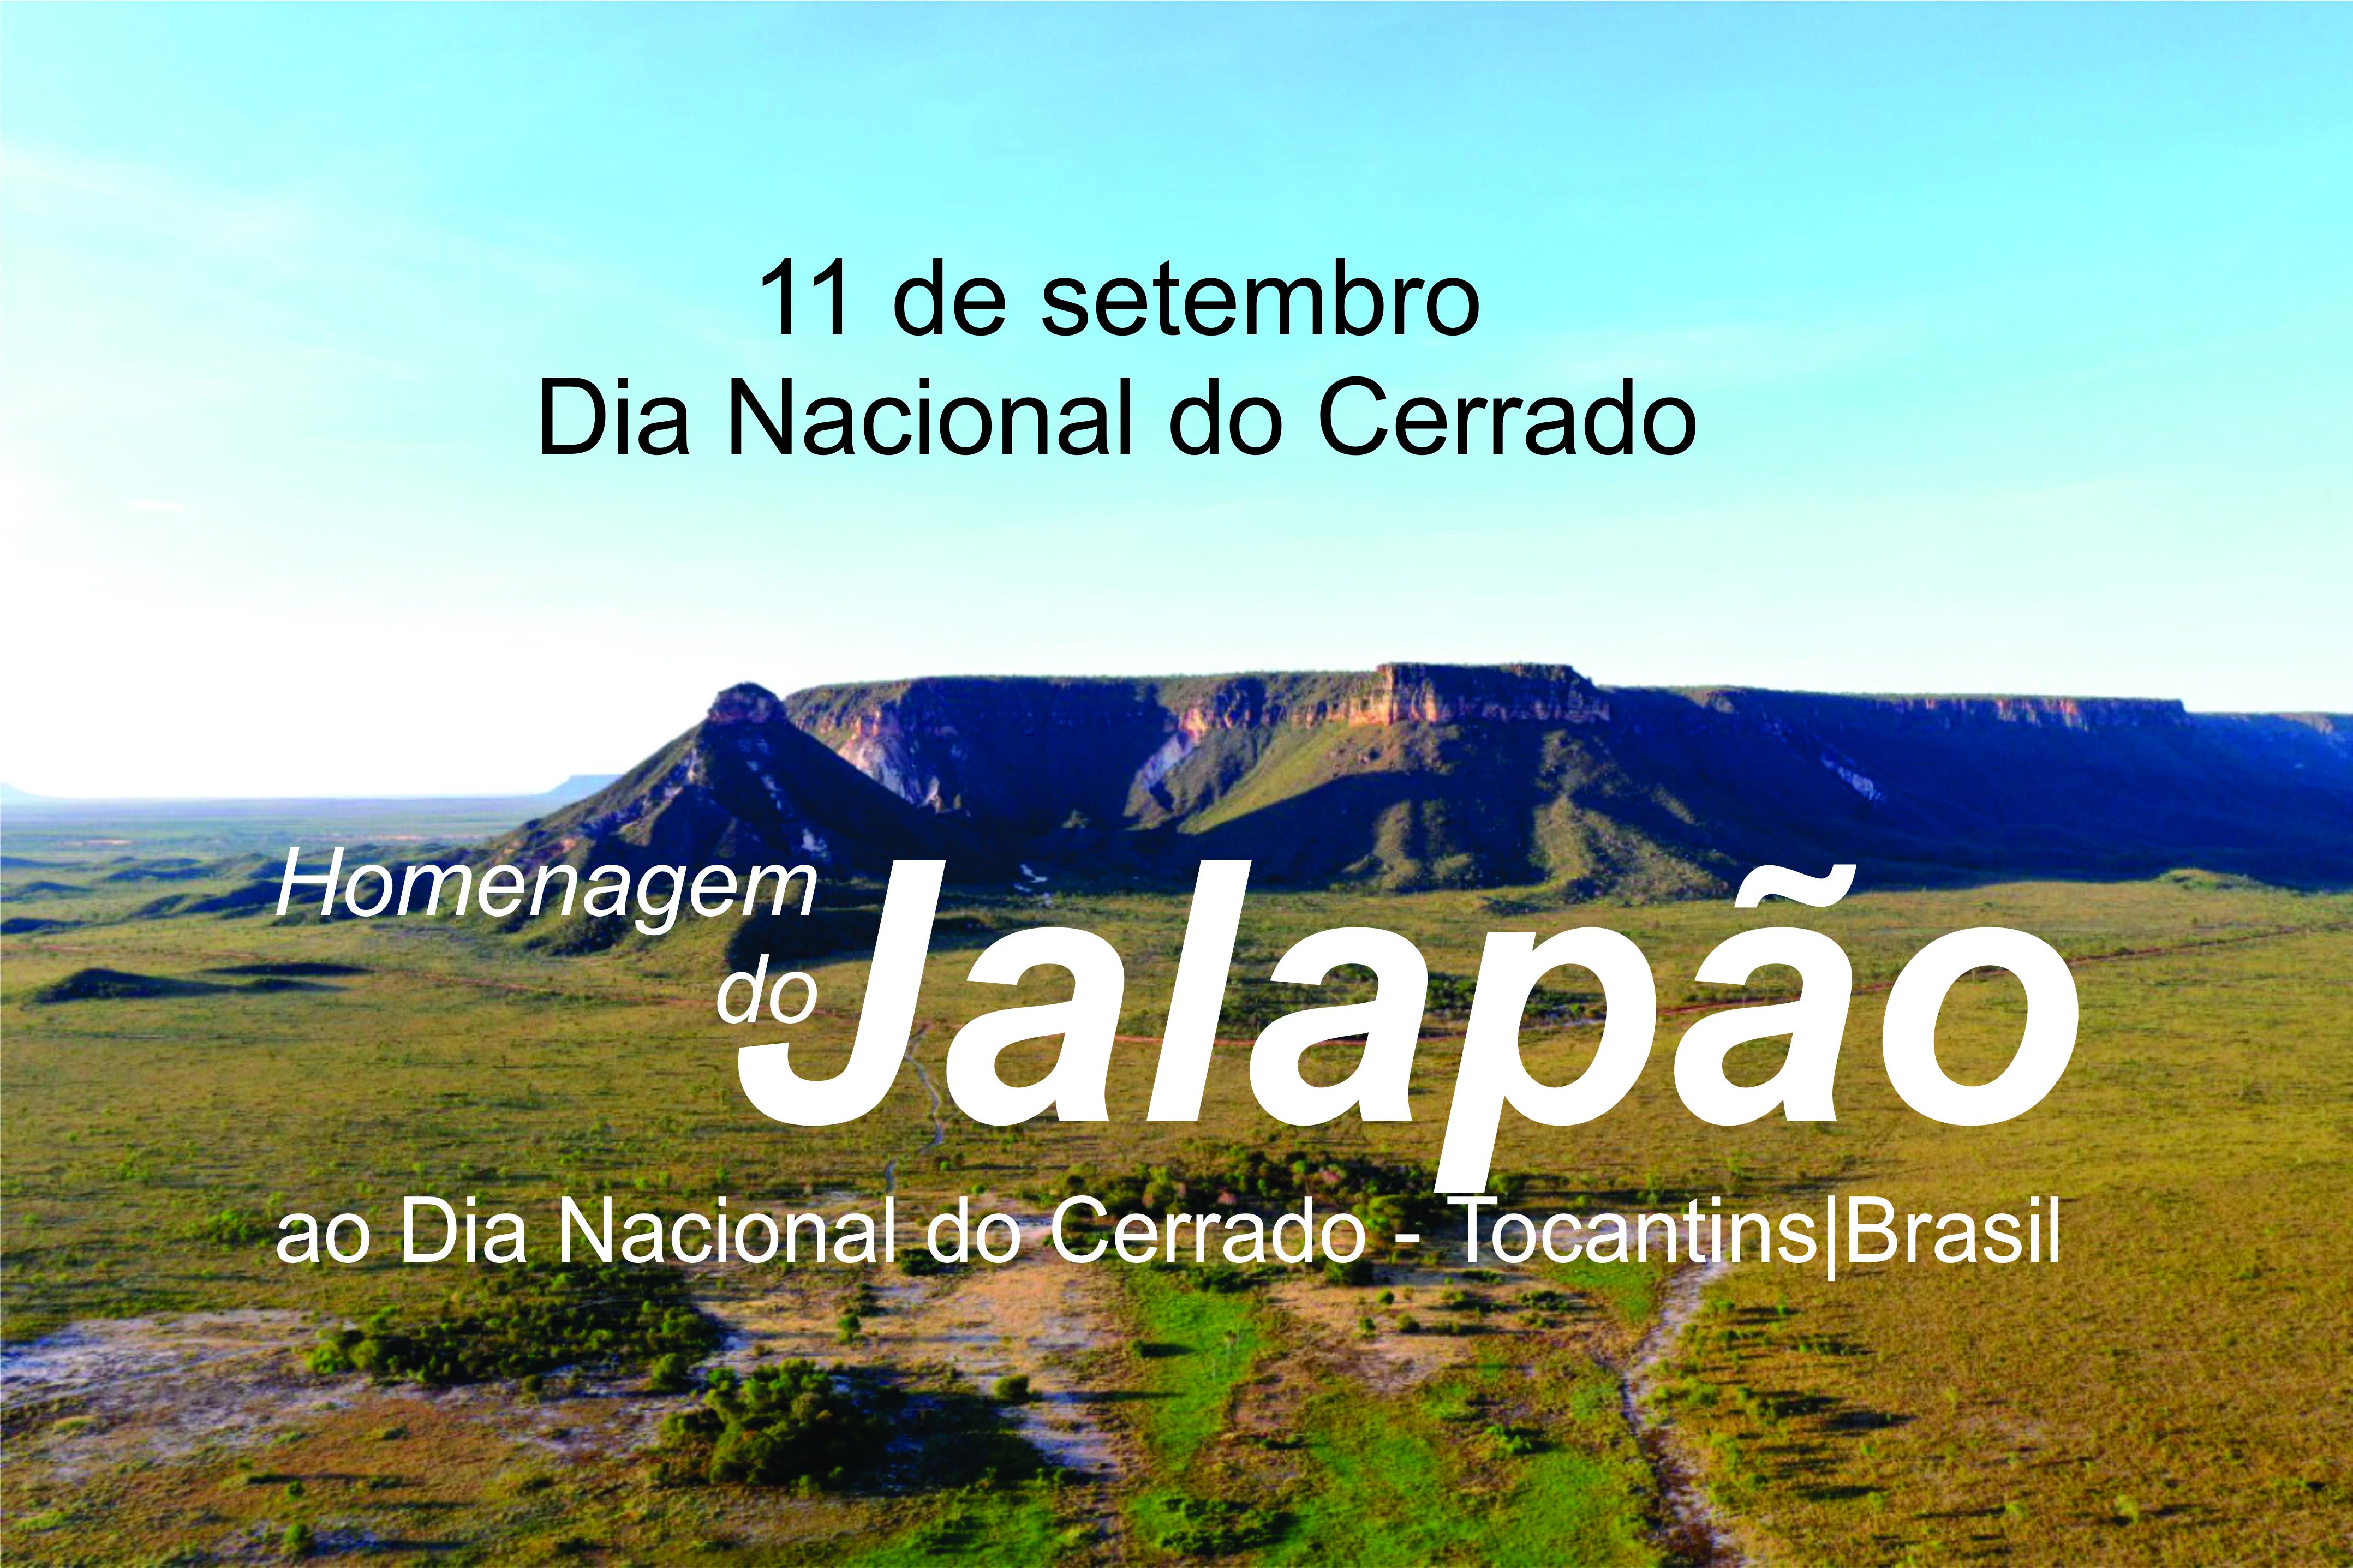 O vídeo traz a voz das comunidades do Jalapão, por meio da iniciativa de produção da equipe da APA do Jalapão em parceria com o Parque Estadual do Jalapão, Prefeitura Municipal de Mateiros e apoio do Governo do Tocantins através do Naturatins